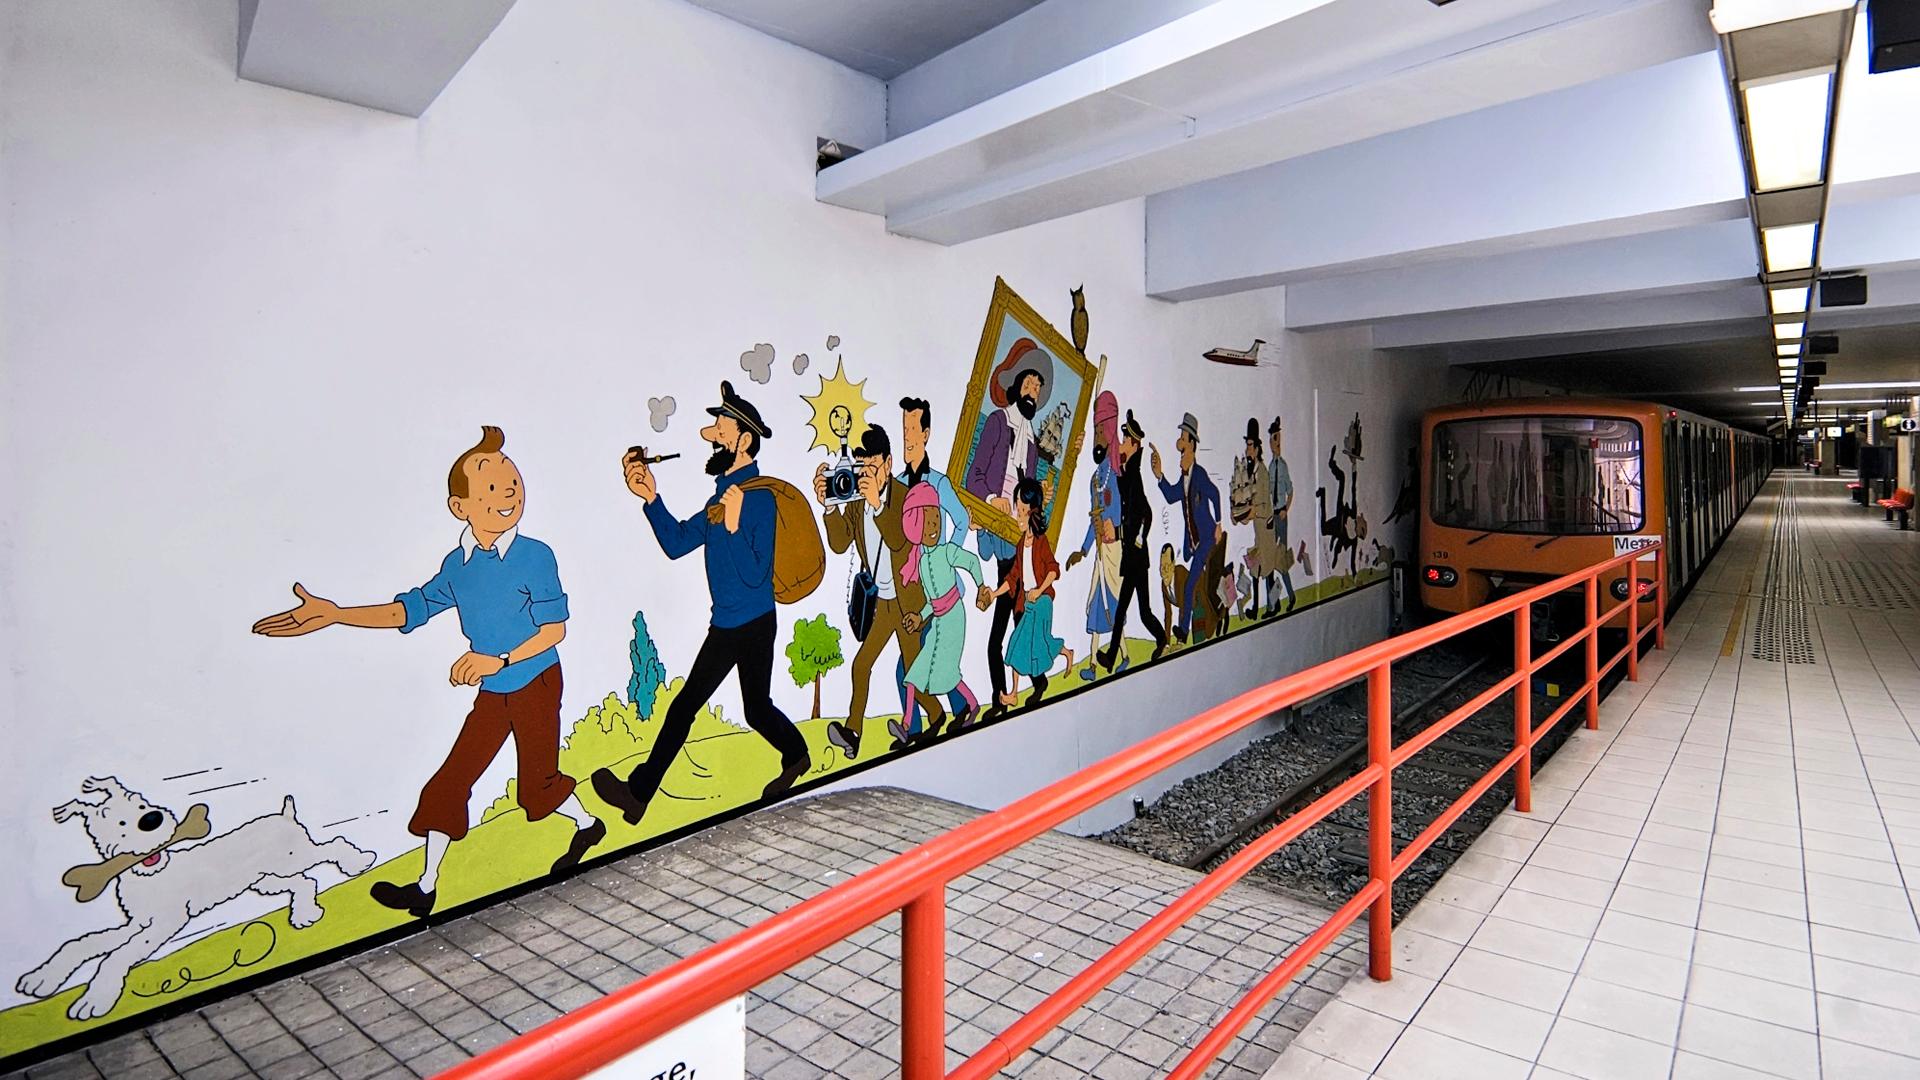 Sarjakuvataiteilija Hergén luoma Tintti metroasemalla